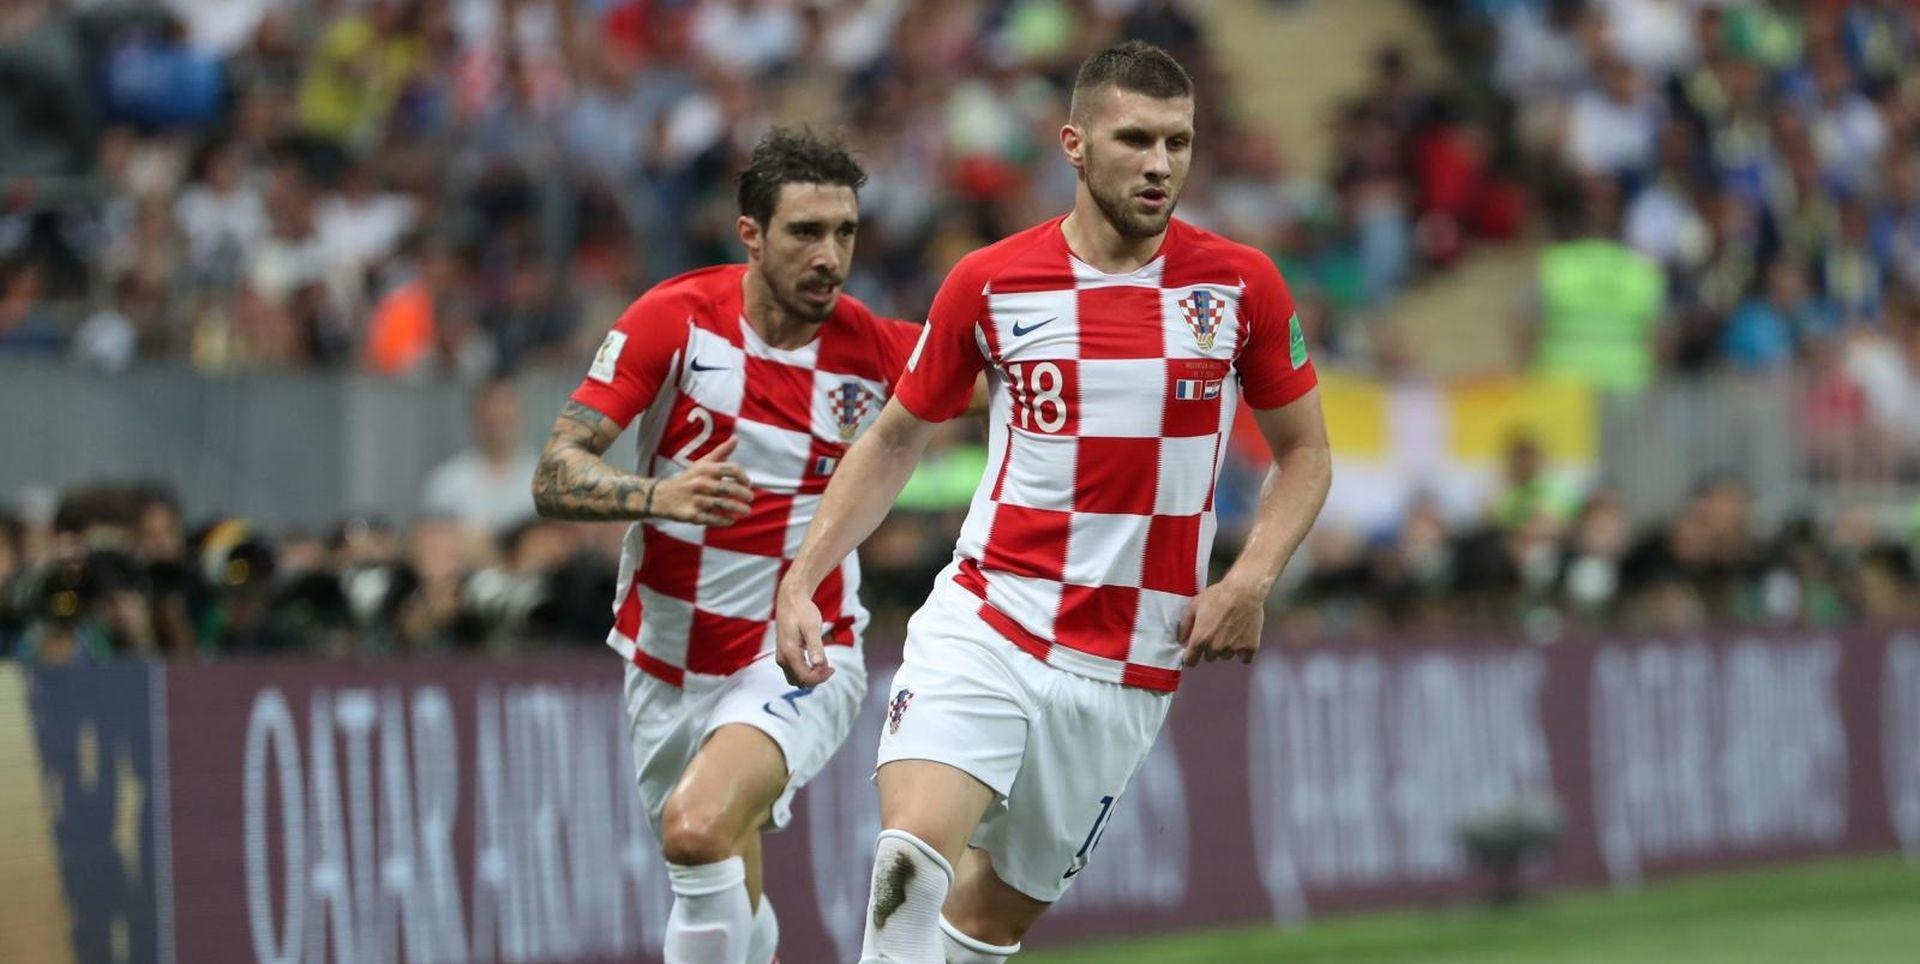 EURO2020 'Vatreni' kvalifikacije počinju kod kuće